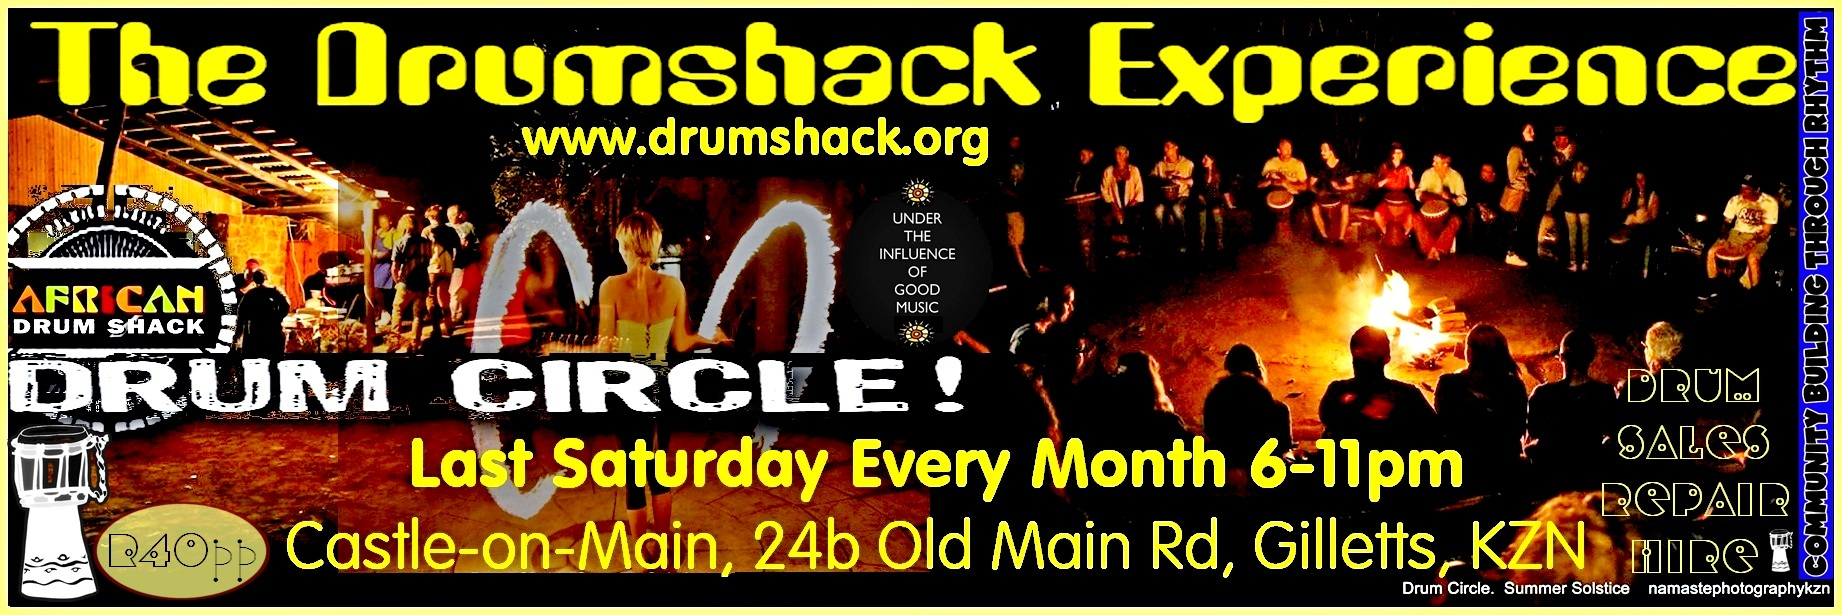 drumshack poster 005